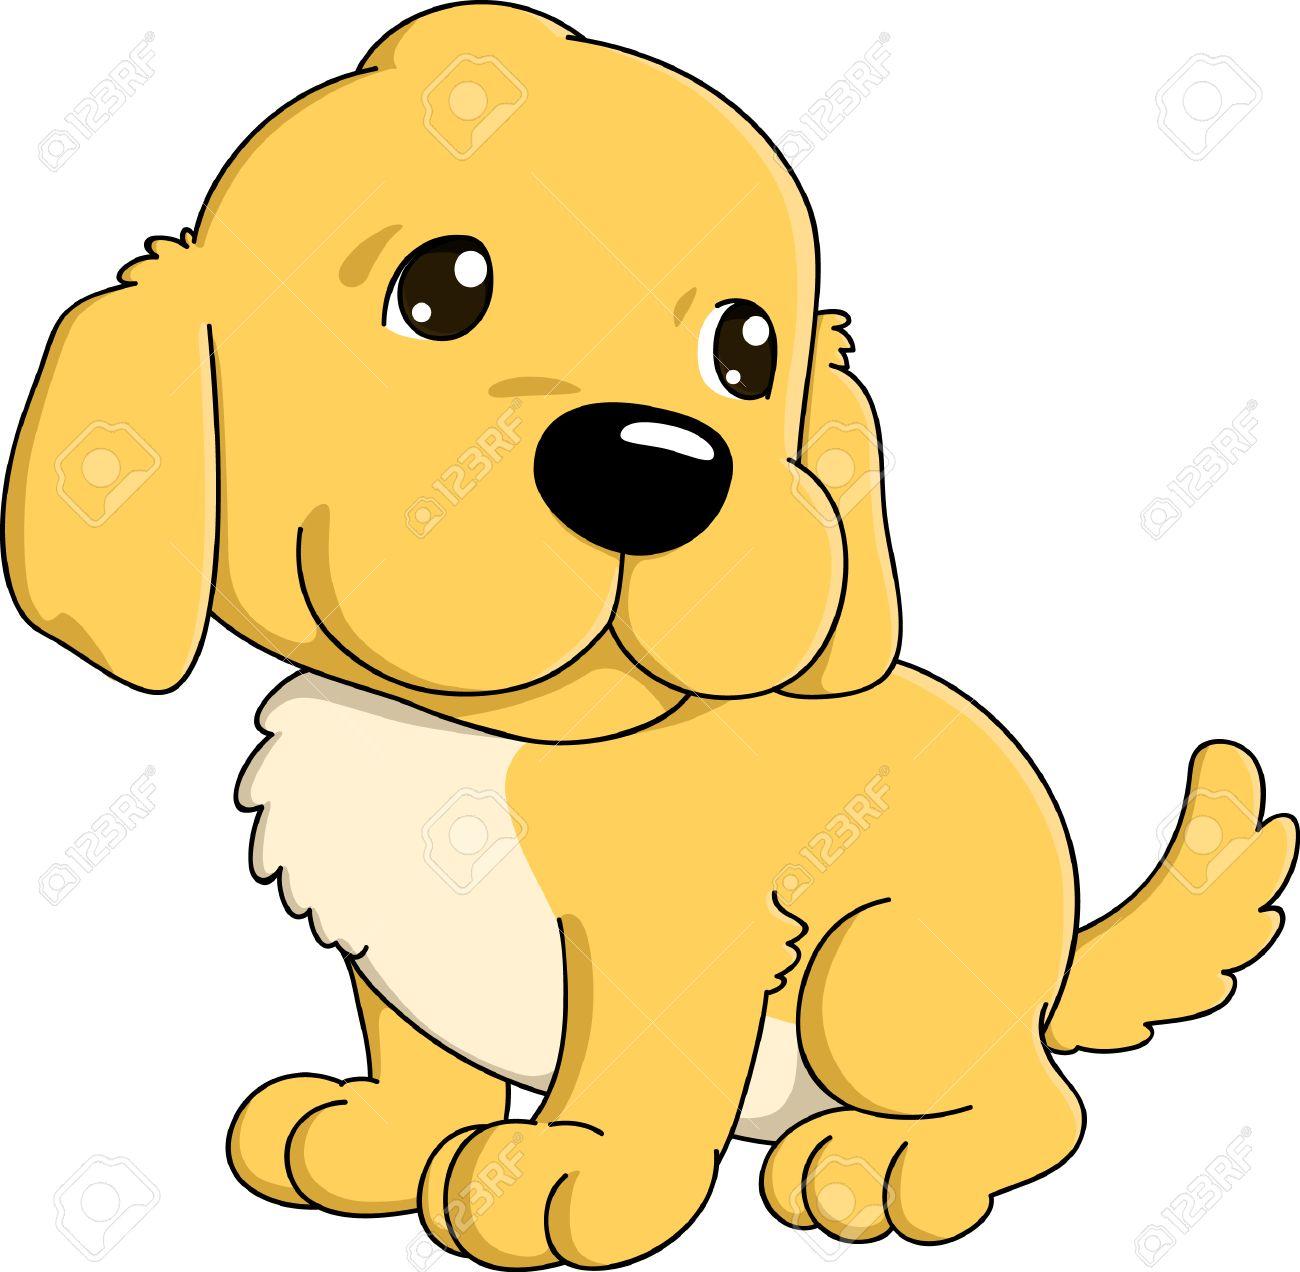 1300x1272 Golden Retriever Clipart Cute